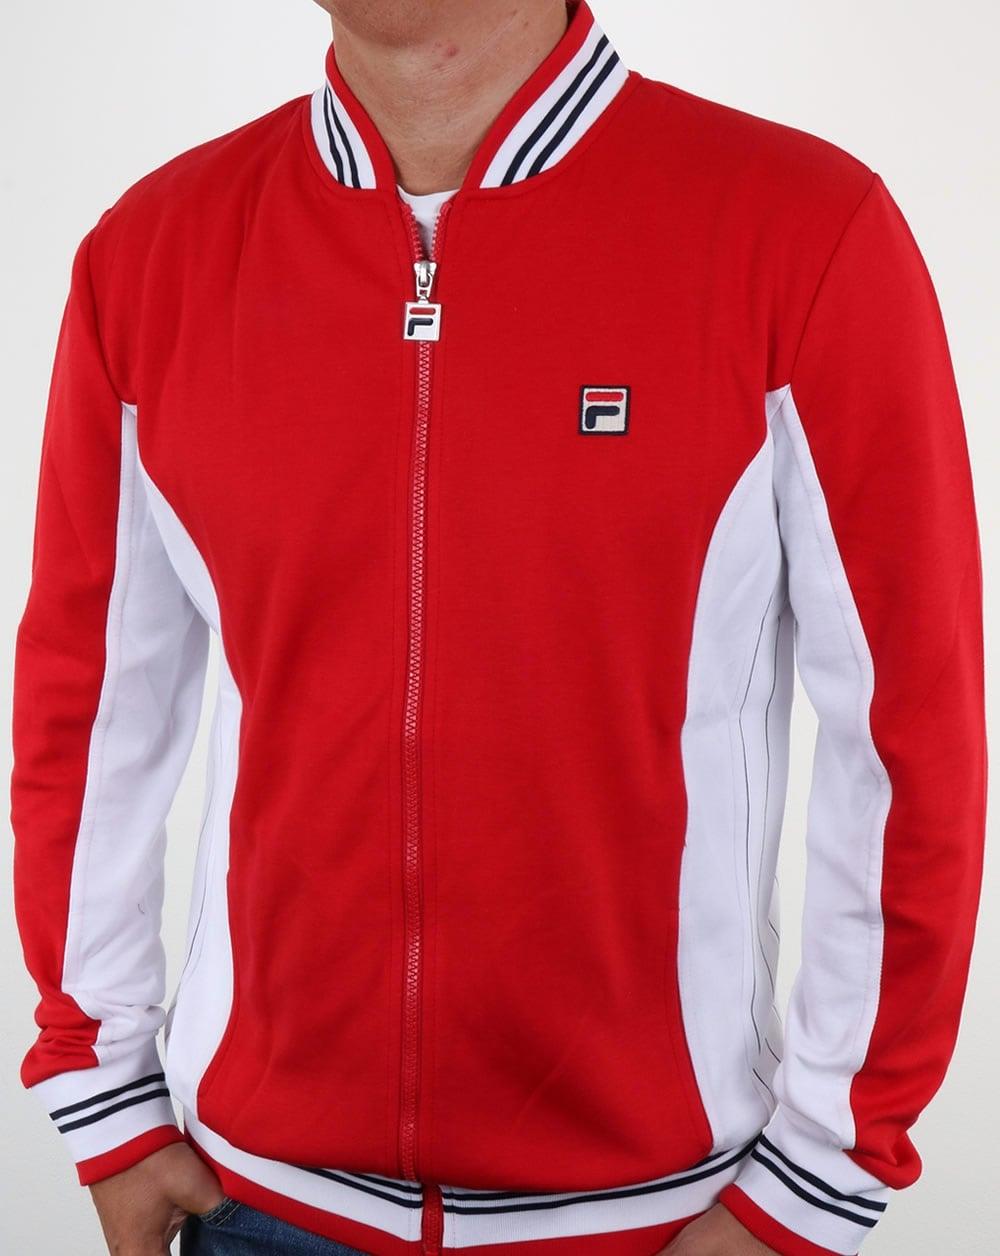 66a1464ba654 Fila VintageSettanta Track Top Red,mk1,jacket,borg,bj,tracksuit